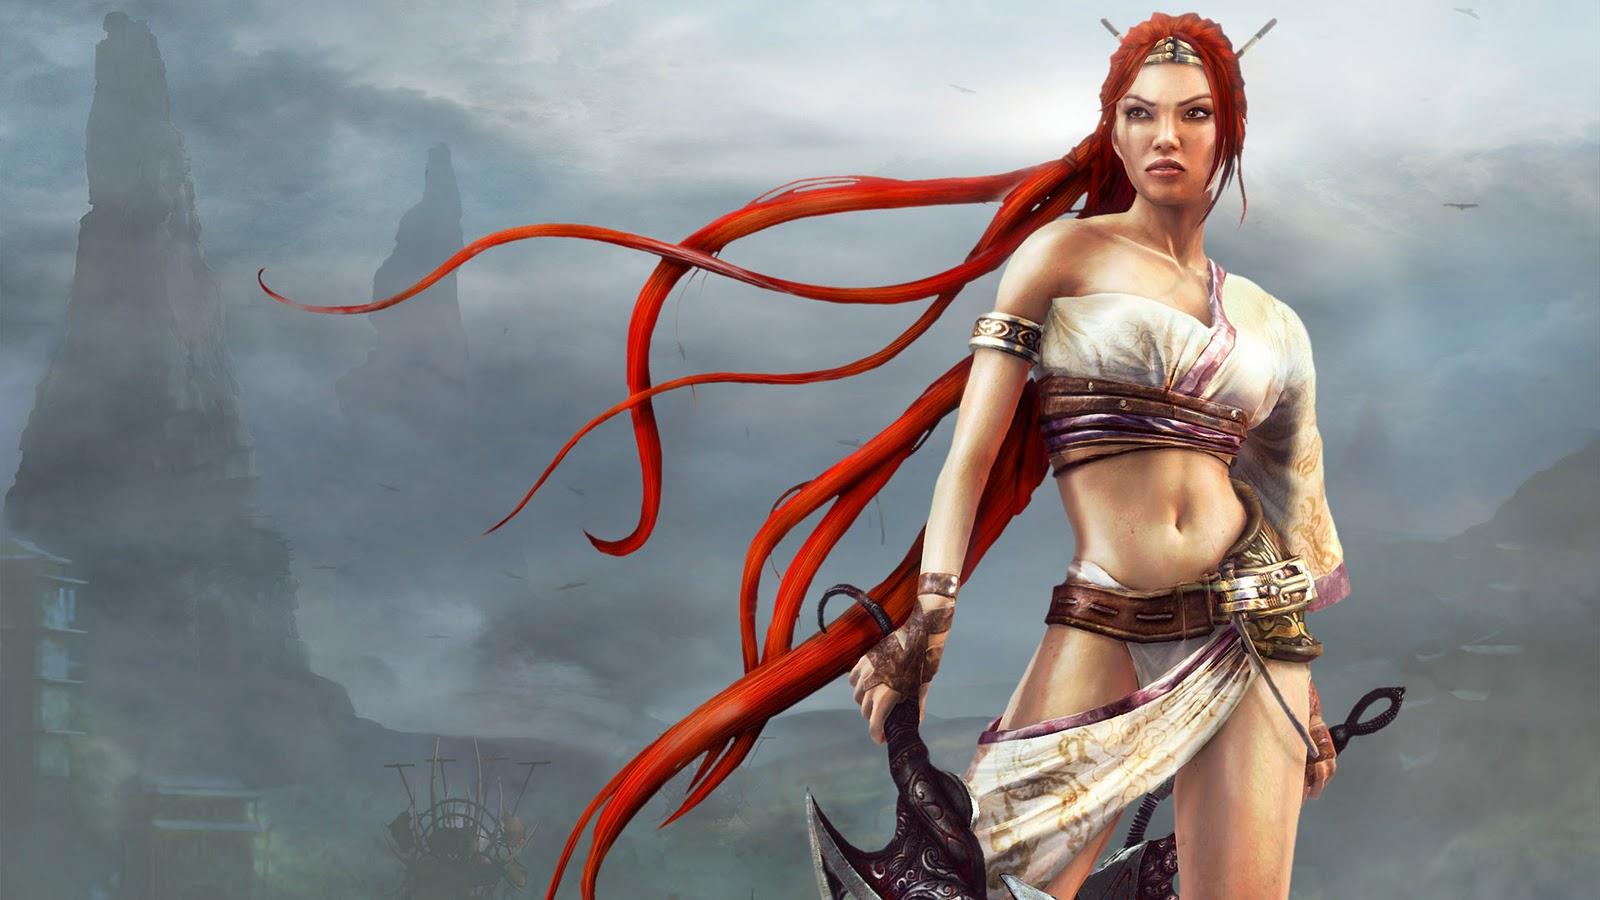 http://3.bp.blogspot.com/-9eha_WAz0T0/Tn2JYrMhrWI/AAAAAAAAACA/gOaTNAZaD-E/s1600/Games+wallpapers+girls+4.jpg